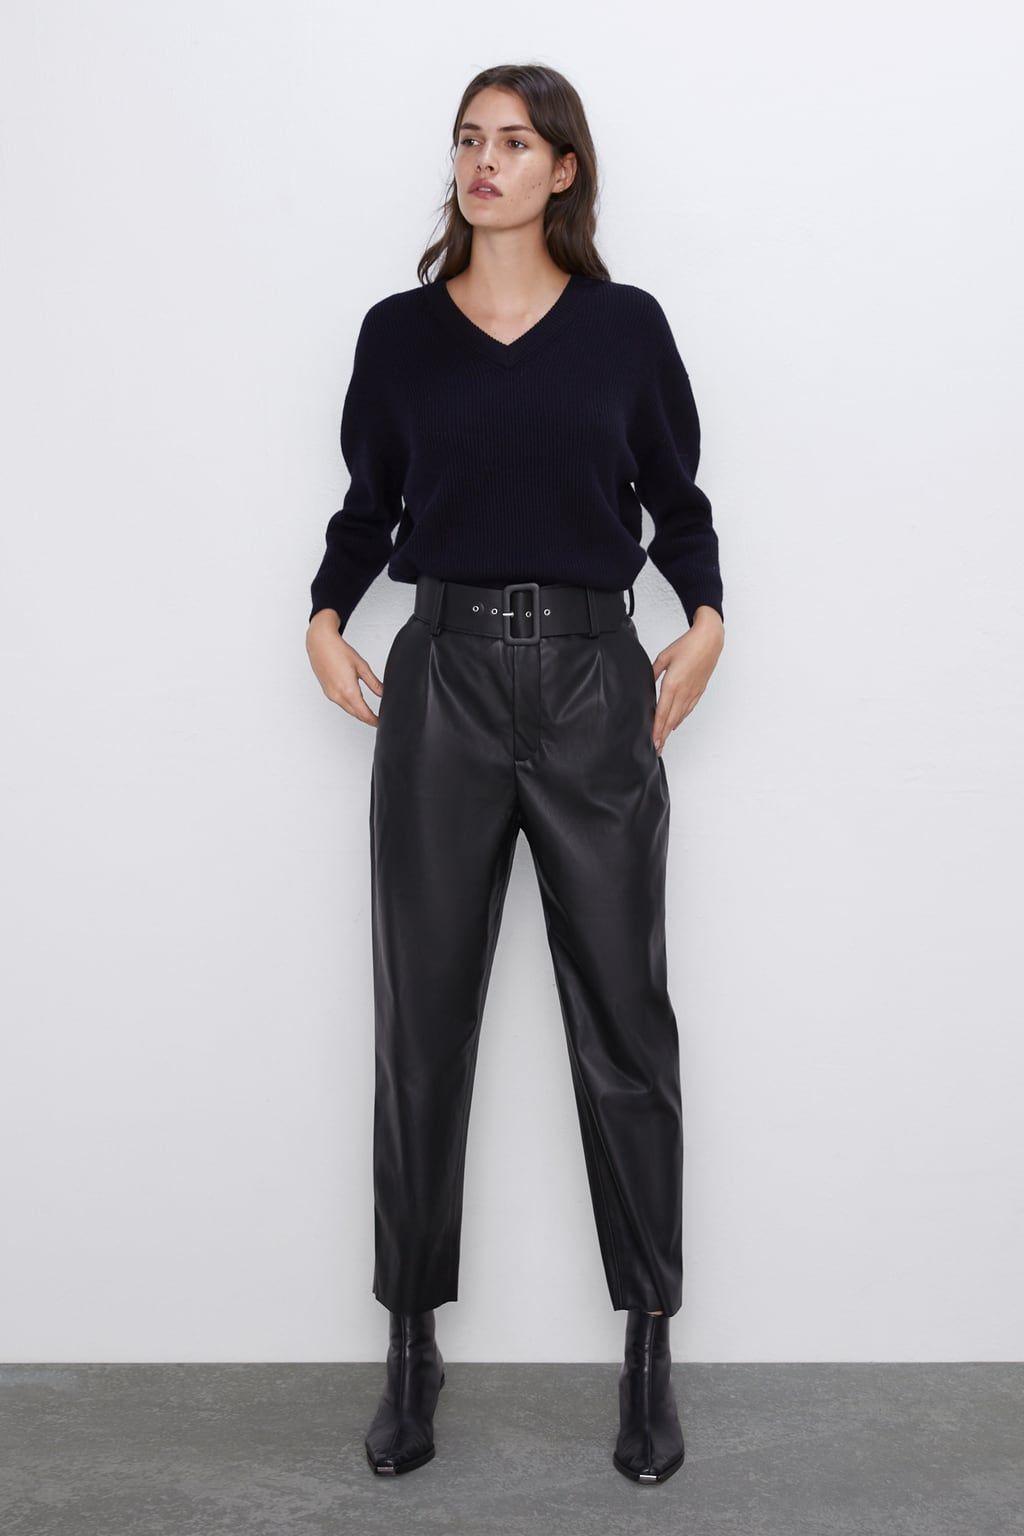 Gnojivo More Veslo Pantalones Efecto Cuero Zara Goldstandardsounds Com